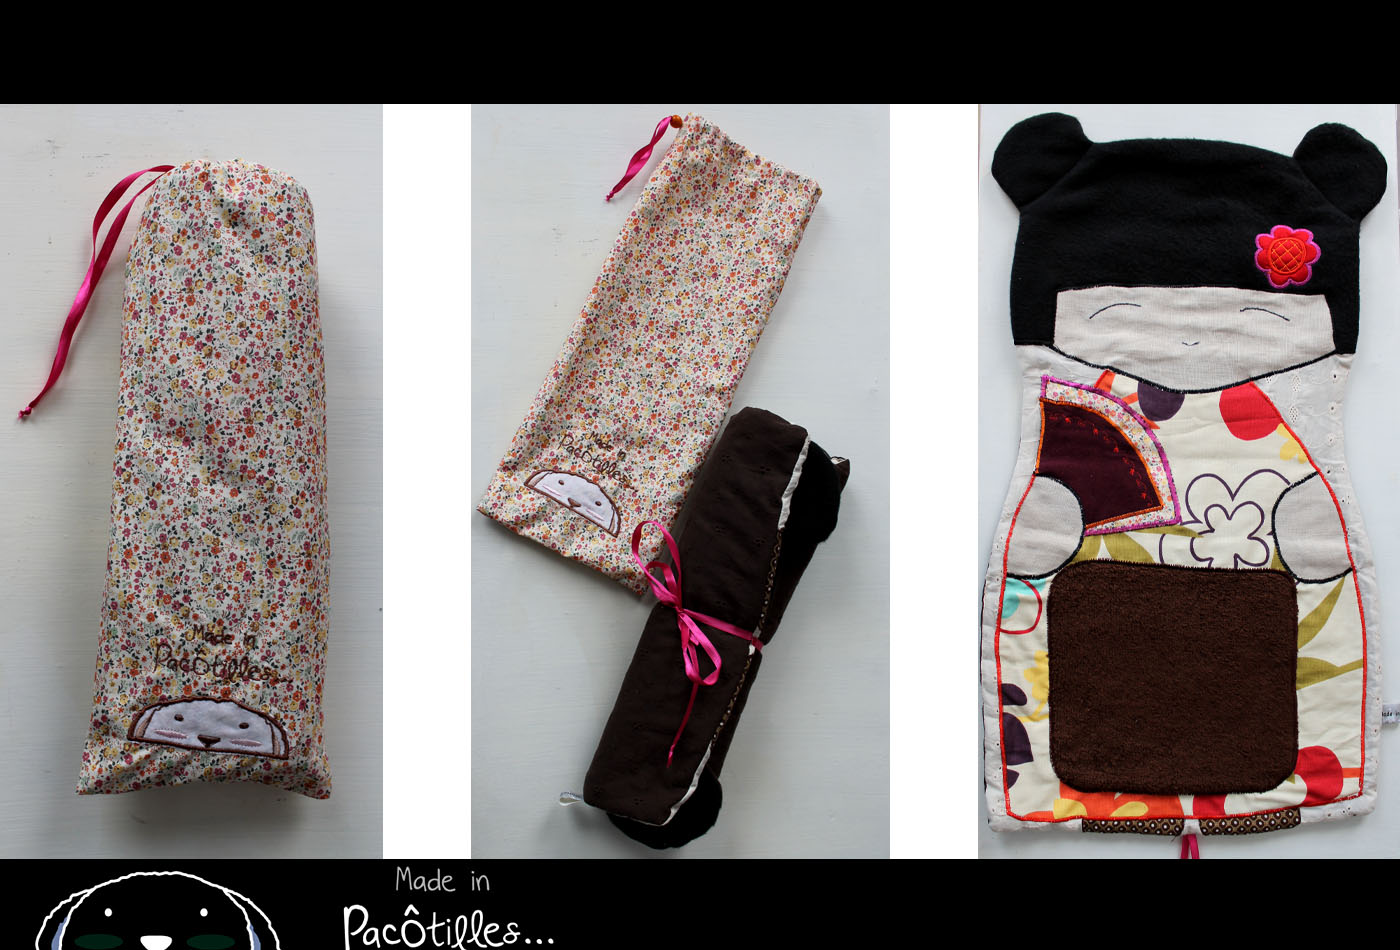 made in pacotilles les tapis langer made in. Black Bedroom Furniture Sets. Home Design Ideas